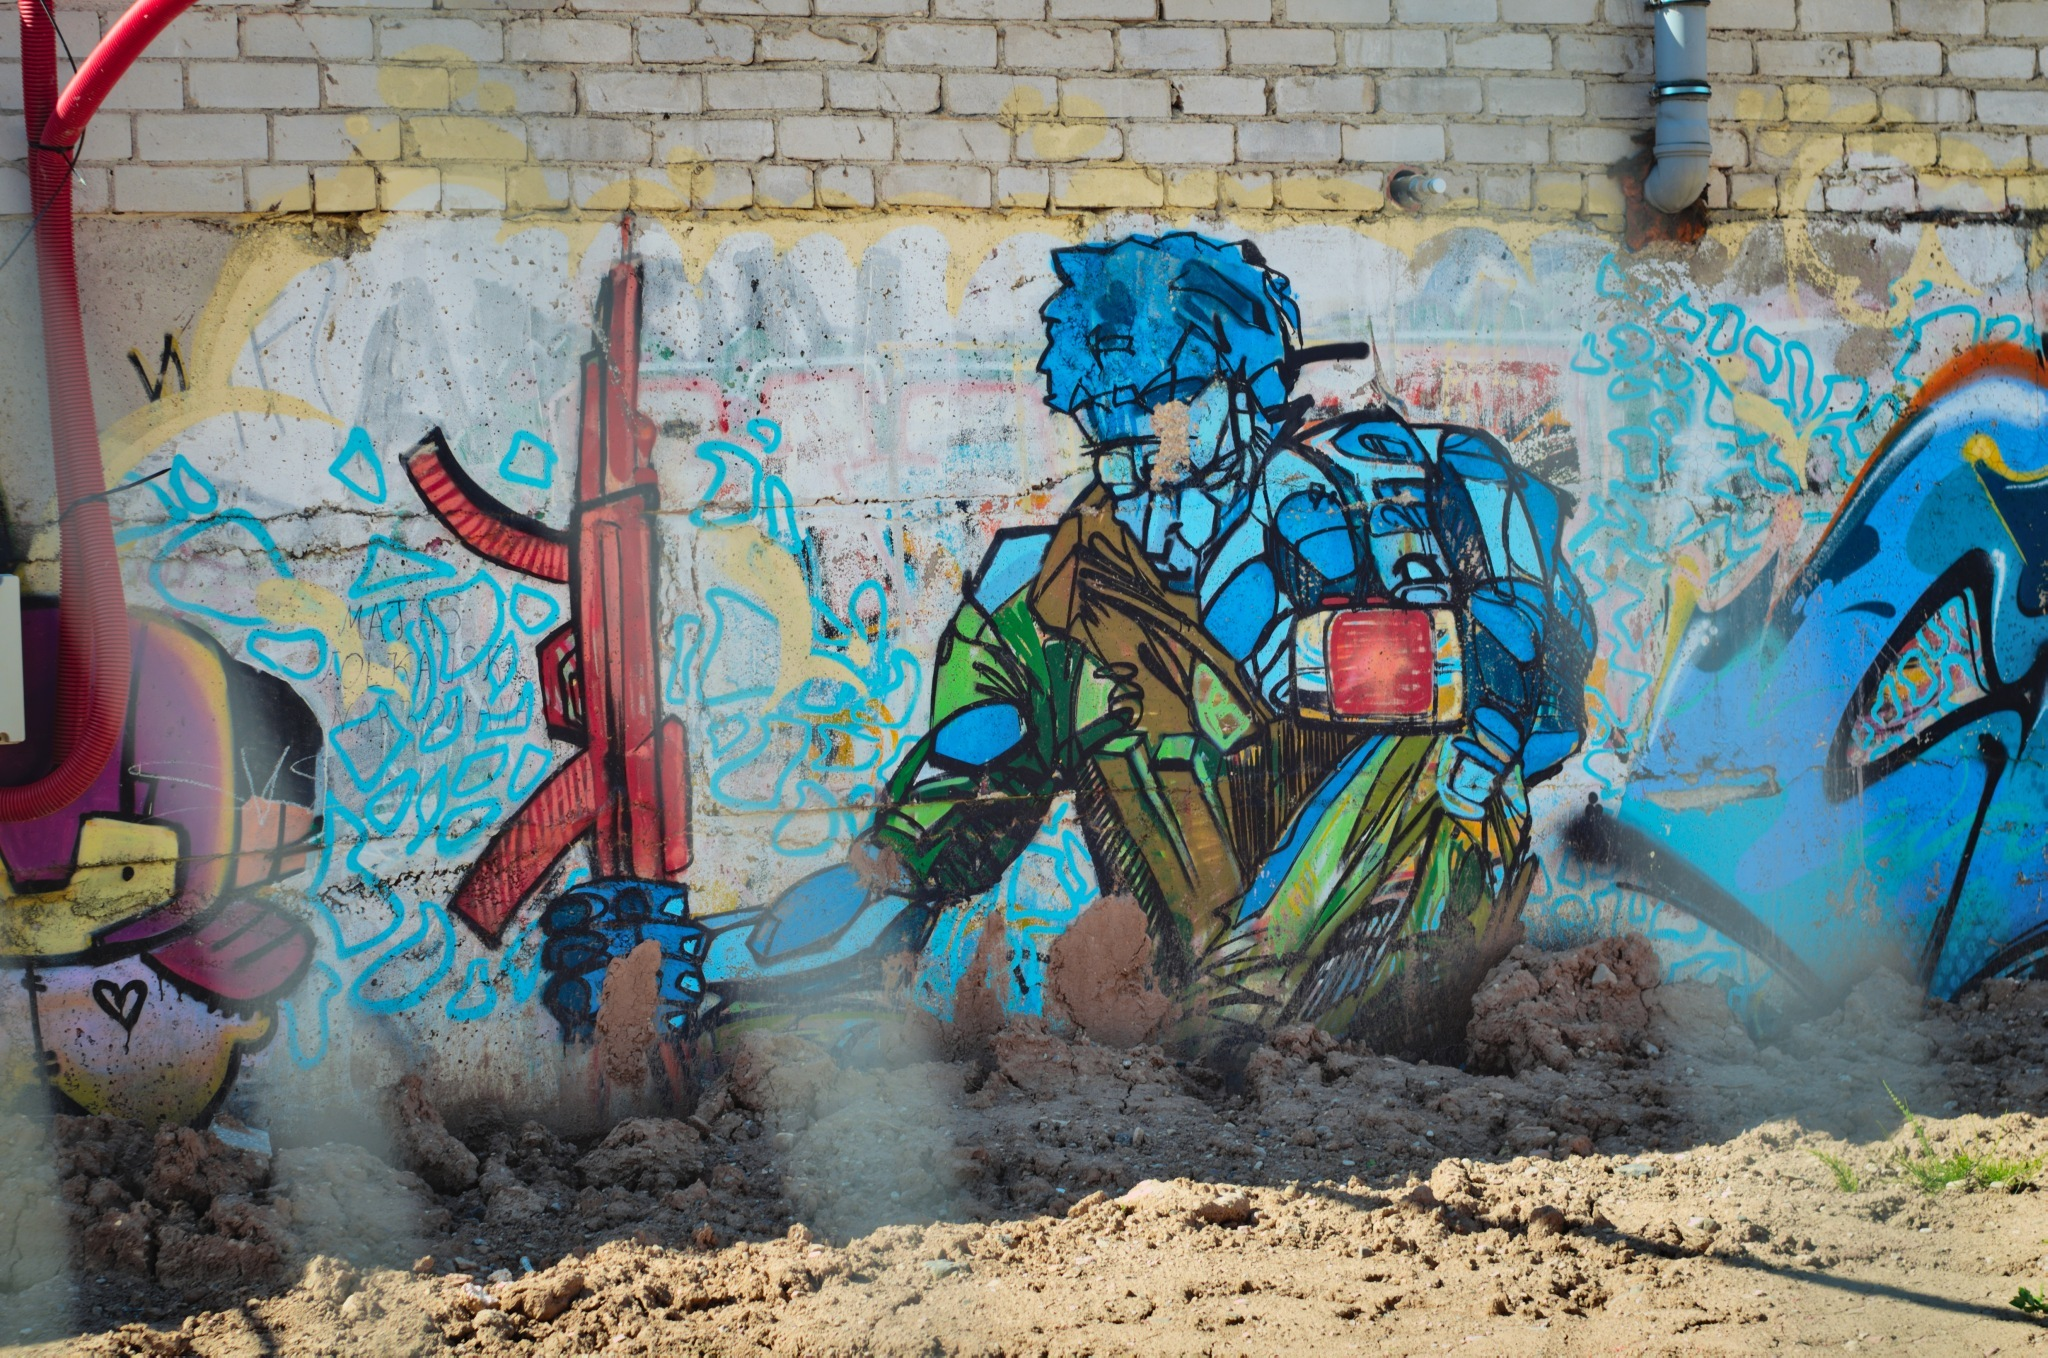 Gatvės menas - karys - Vilmantas Ramonas